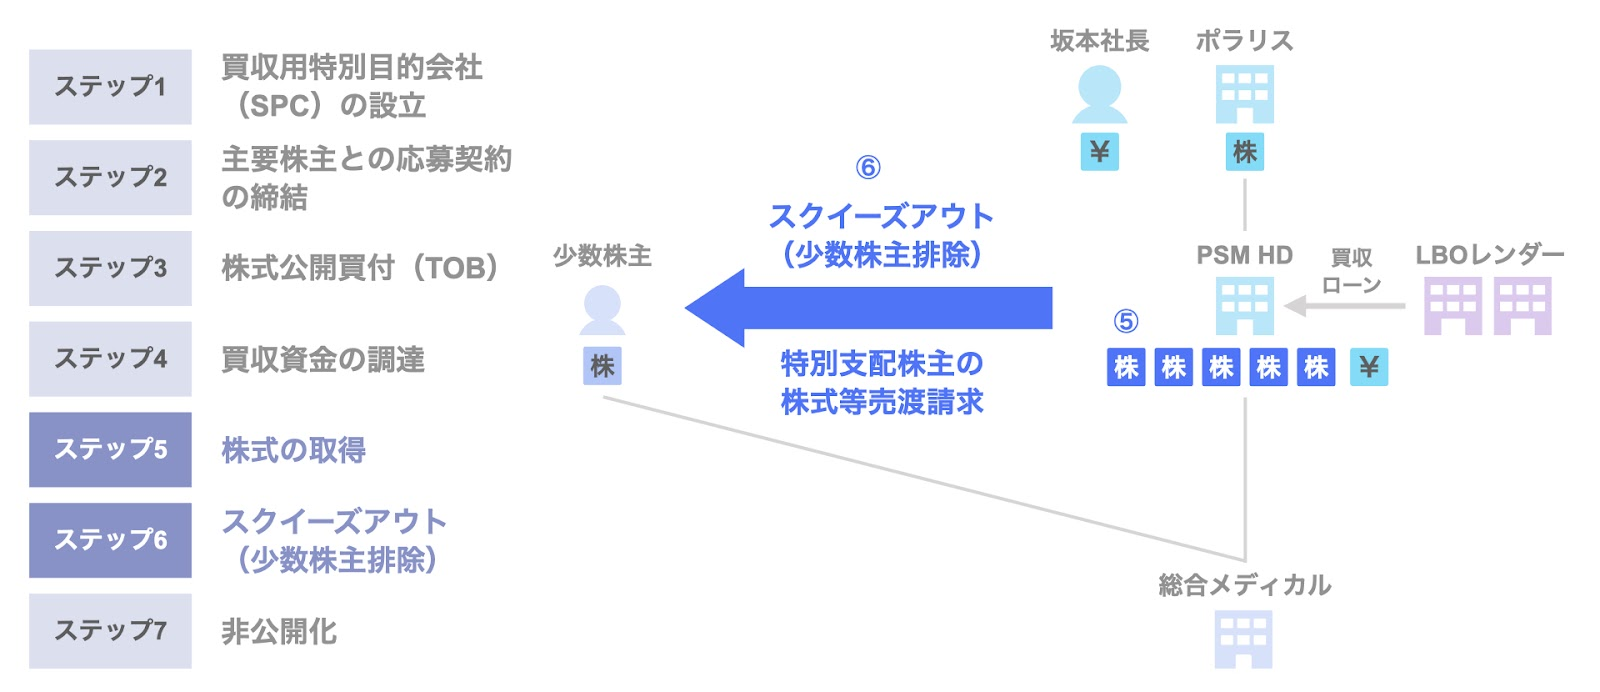 総合メディカルホールディングスのMBOによる非公開化のスキーム5,6